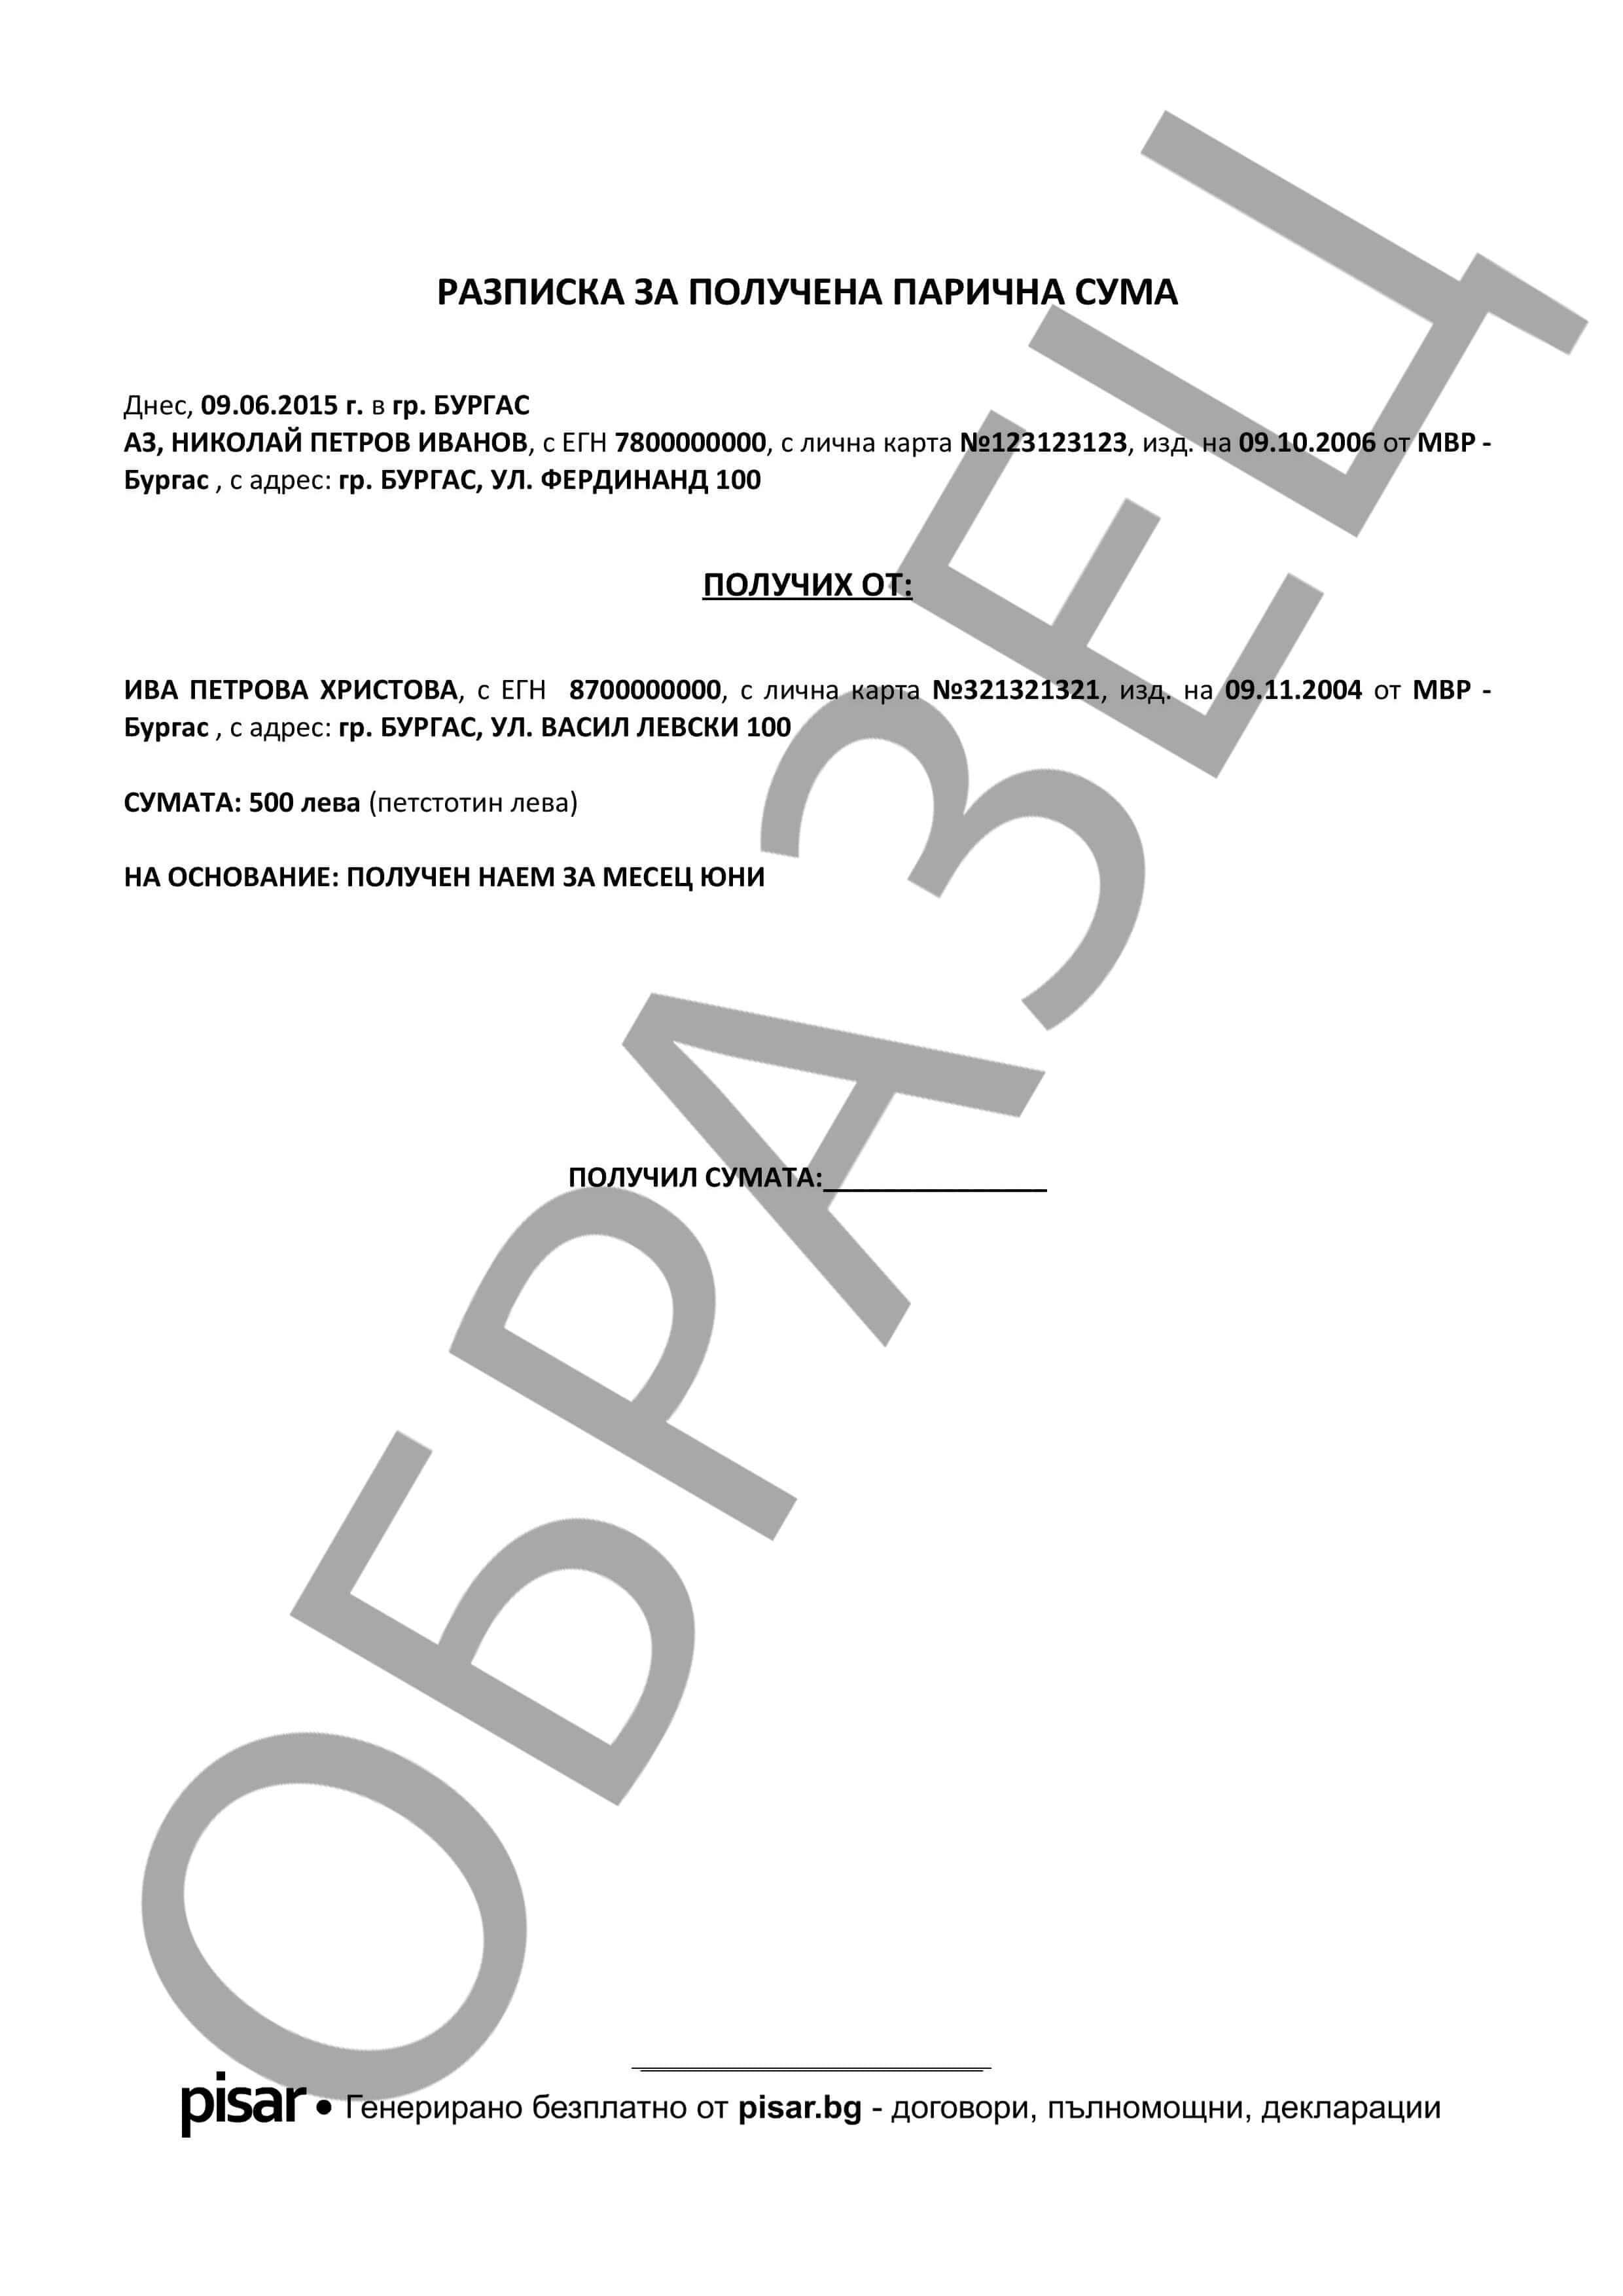 Примерен документ Разписка за получена парична сума